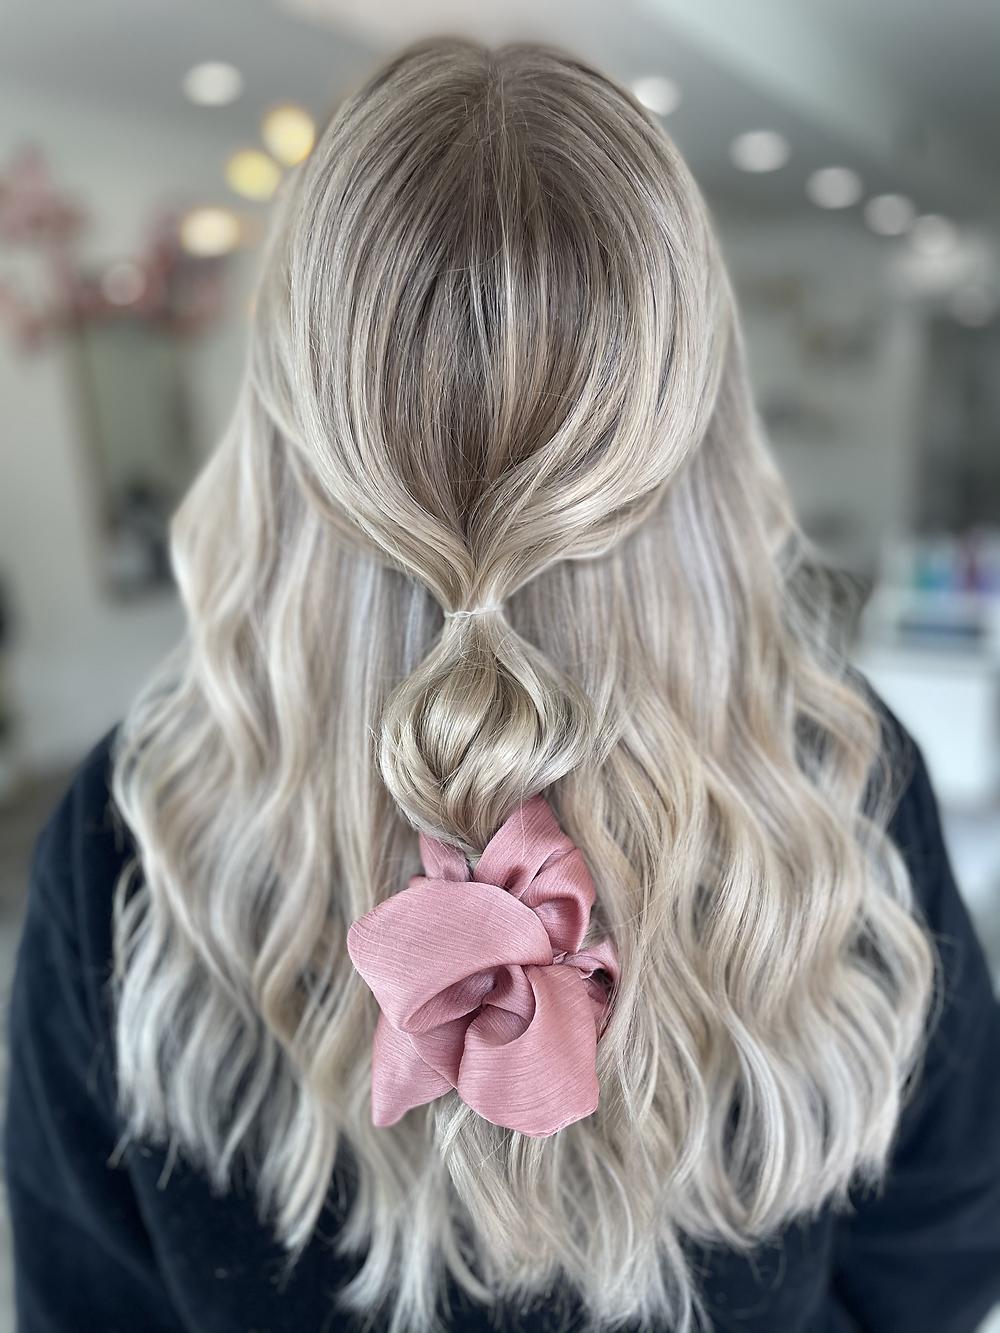 Full blonde highlight